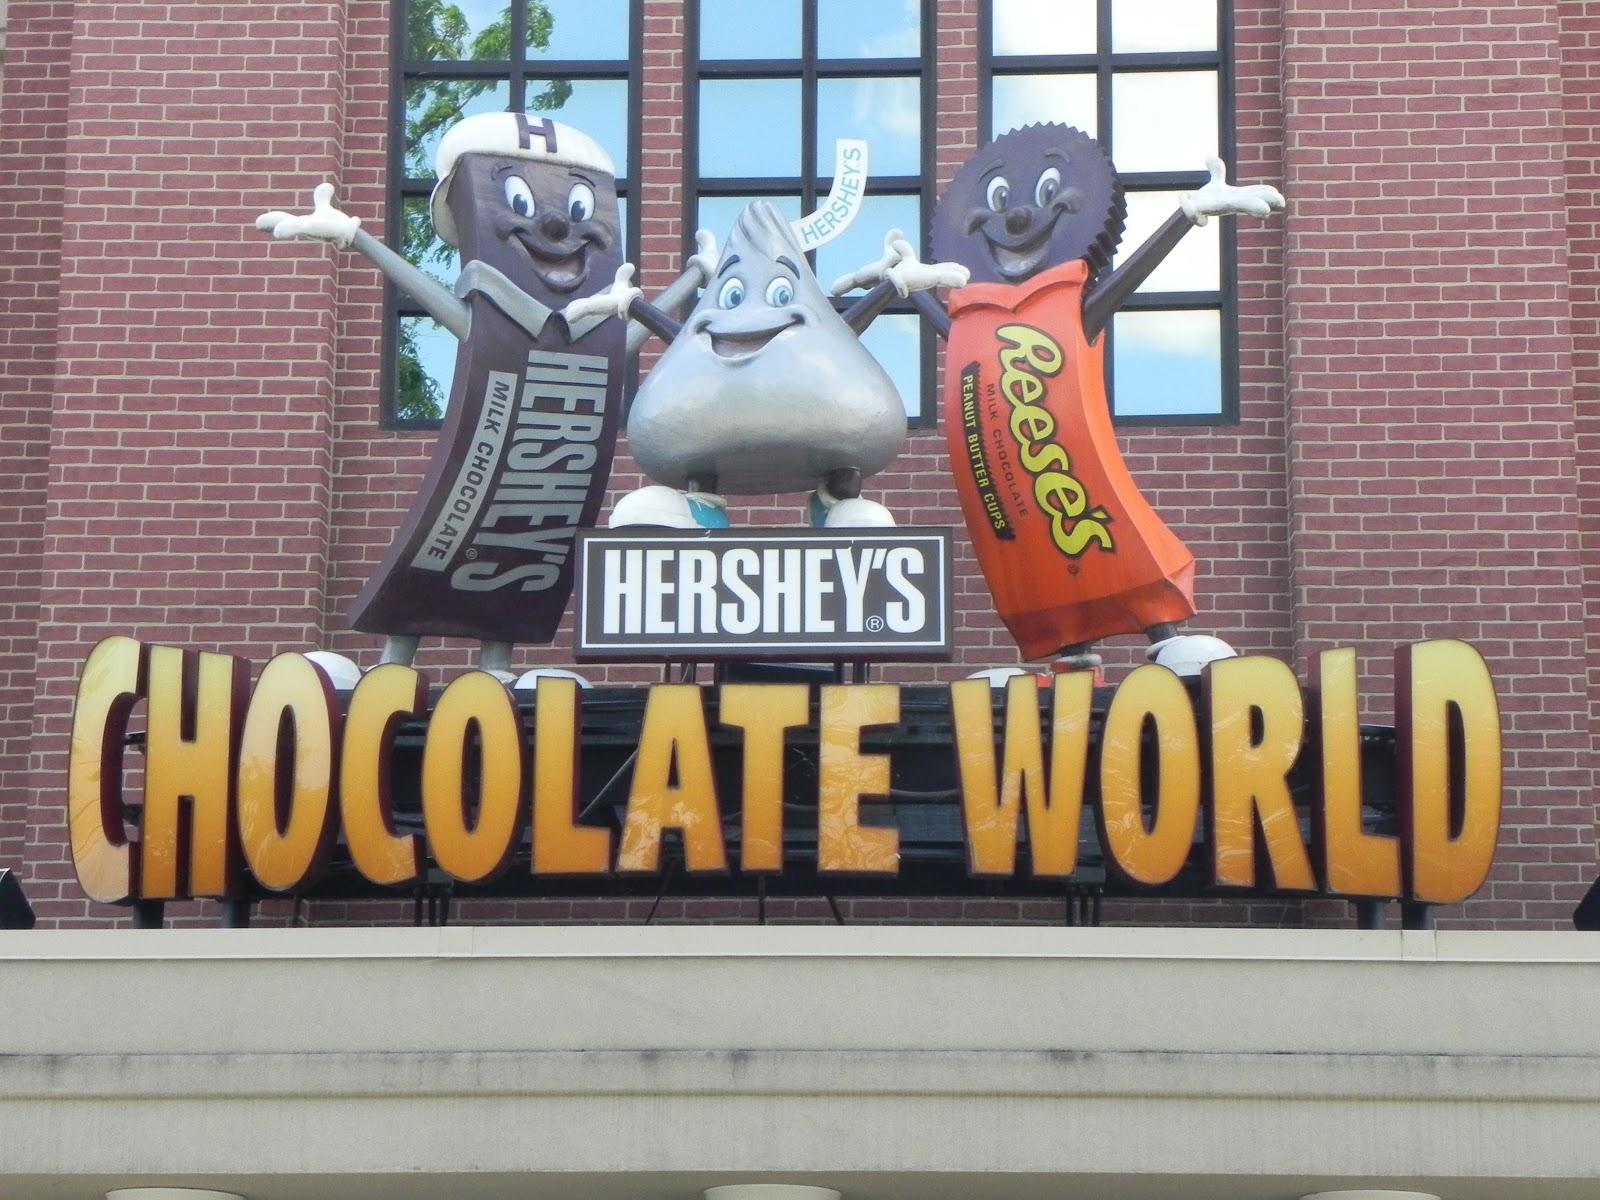 मी फिरीस्ता: Hershey's Chocolate World